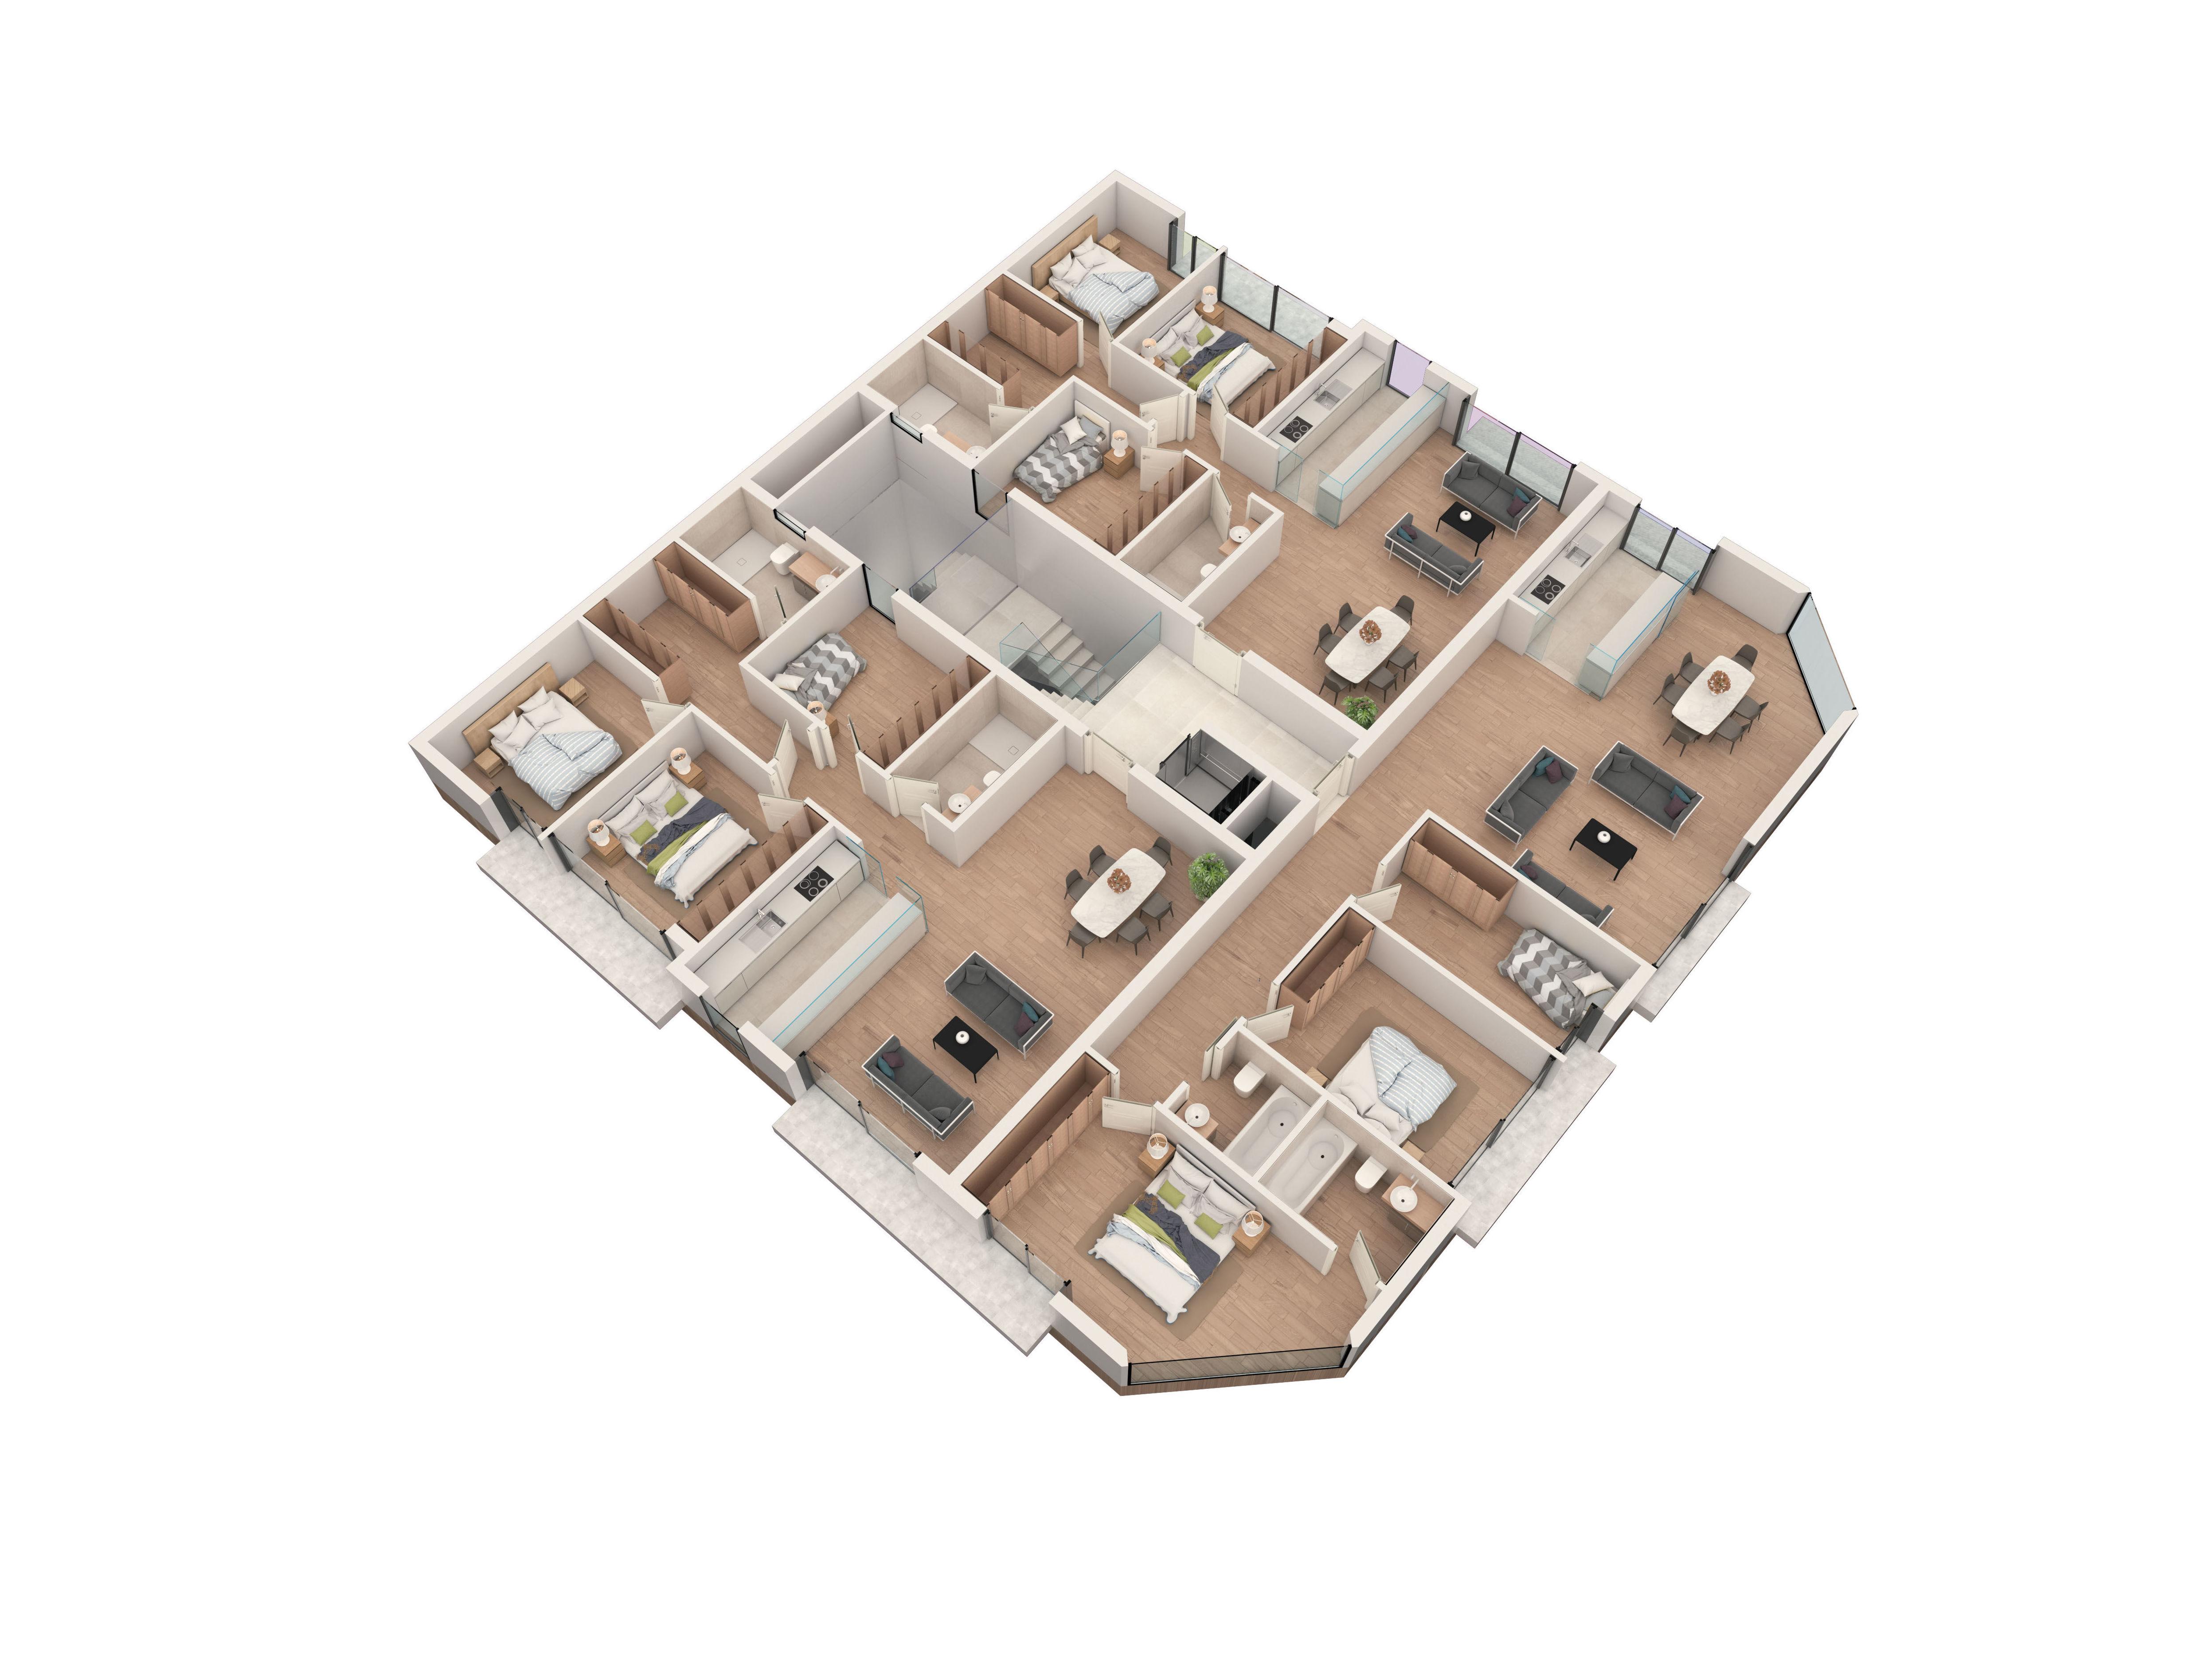 Edificio de viviendas. Planta de 3 viviendas.